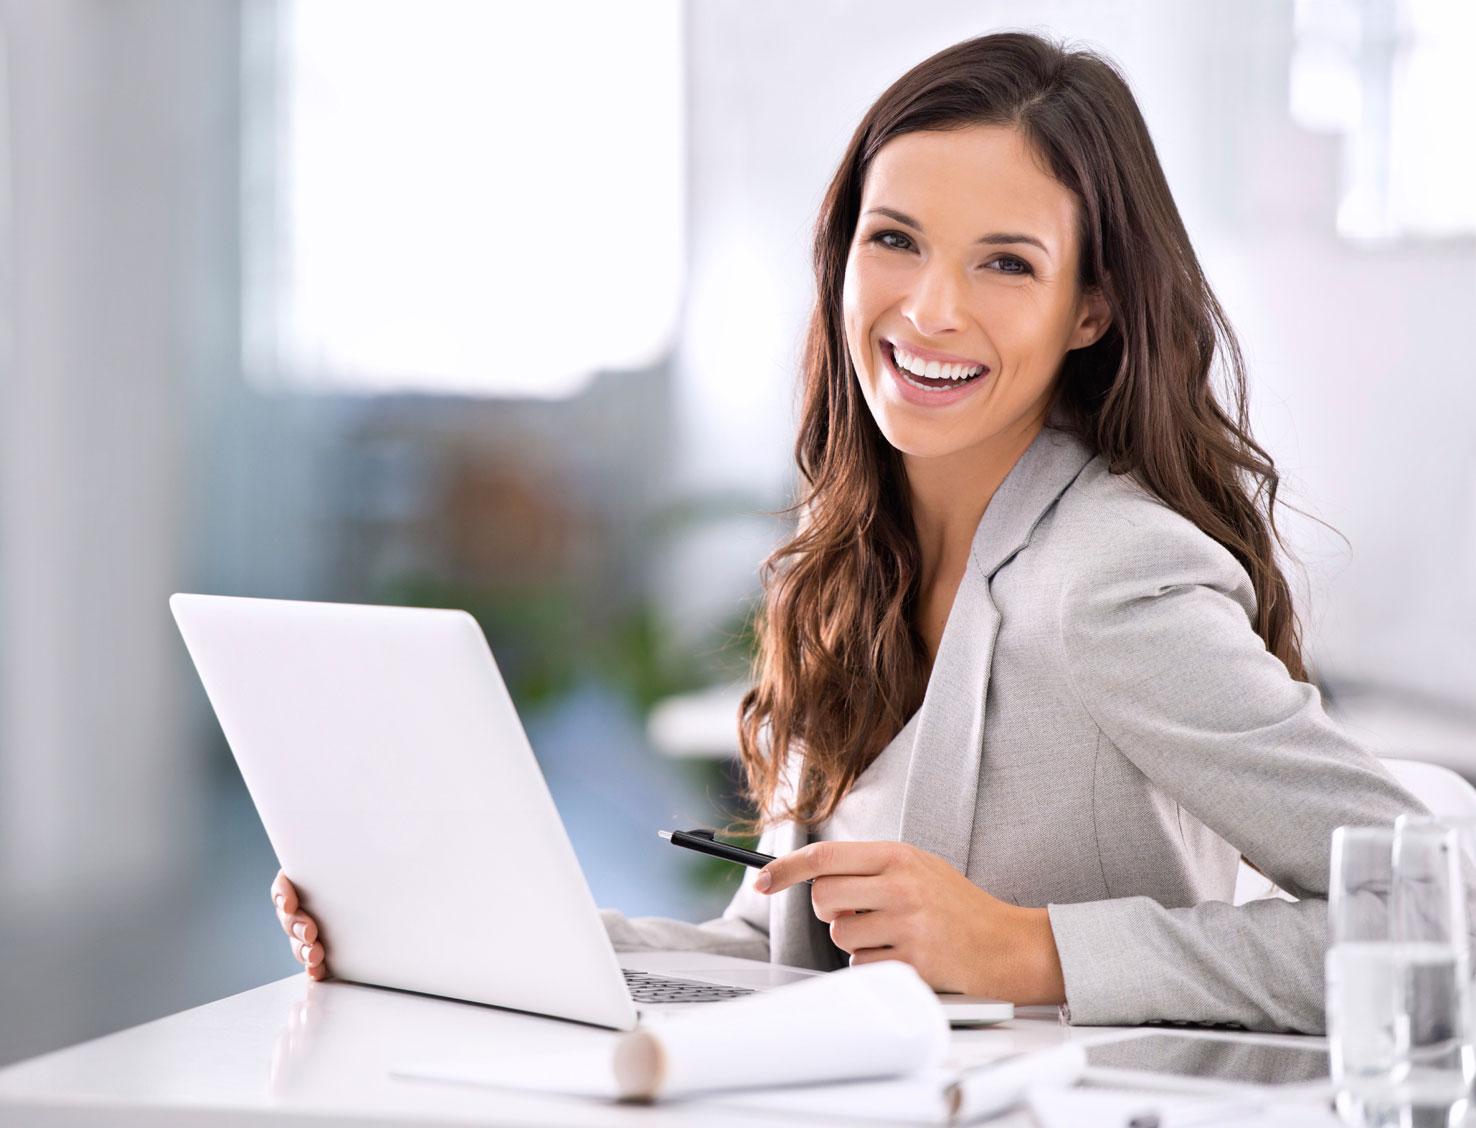 Felicidade No Trabalho: A Surpreendente Verdade Por Trás Desse Grande Mito